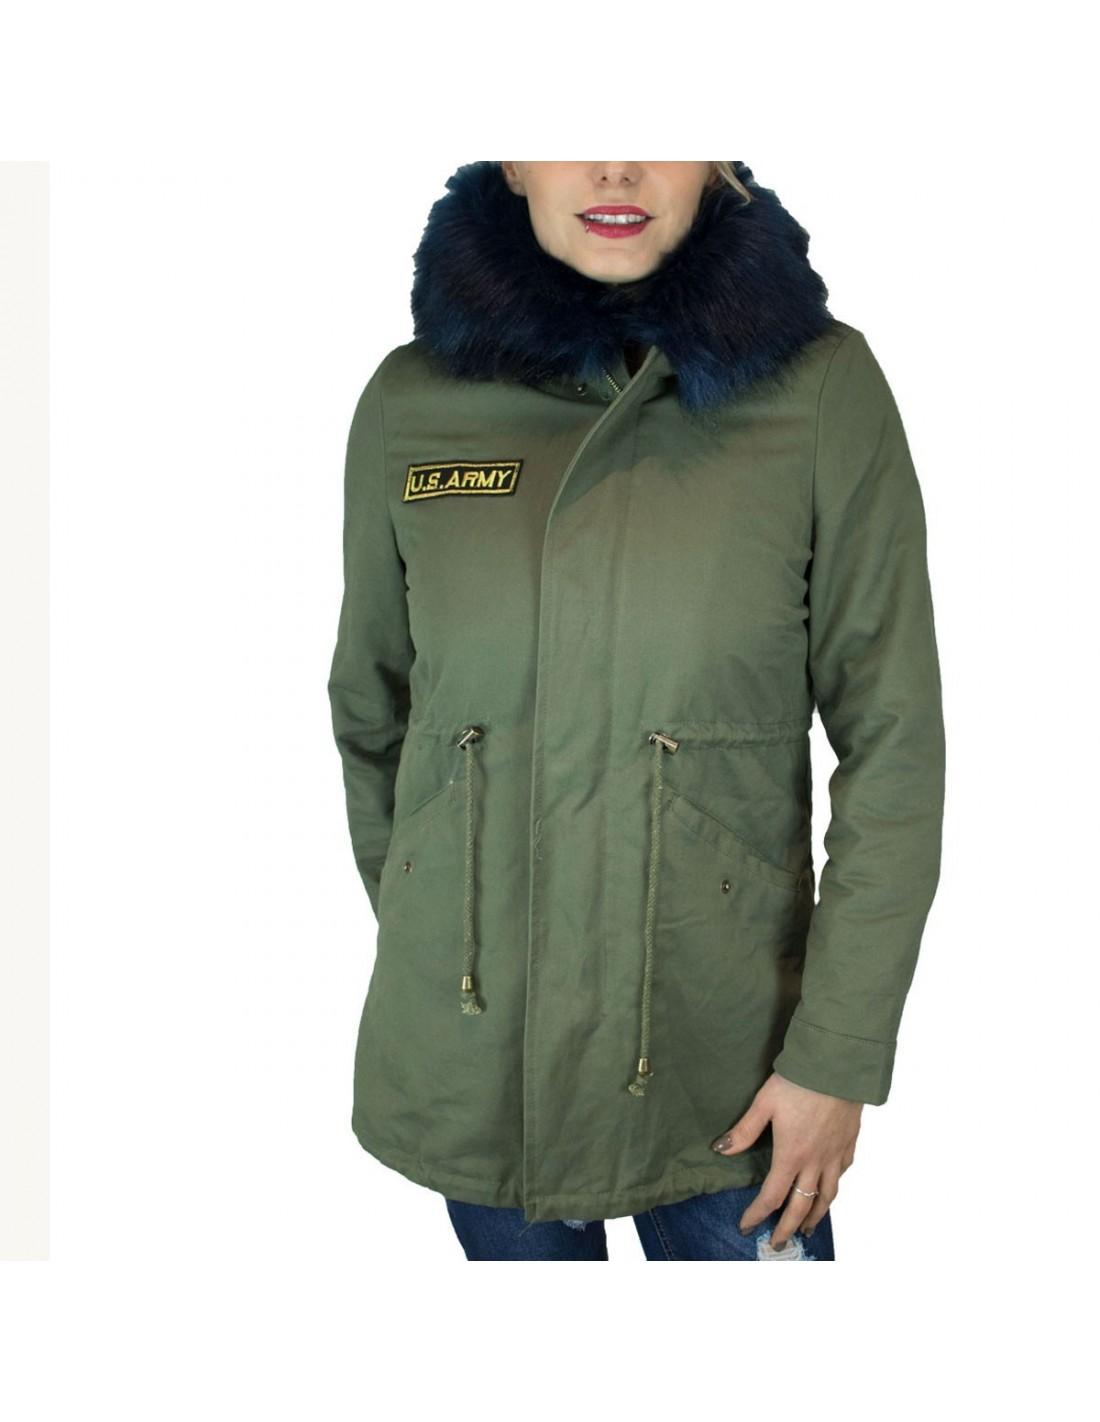 7c0c6d95f Manteau femme kaki intérieur fourré avec capuche fourrure bleu marine